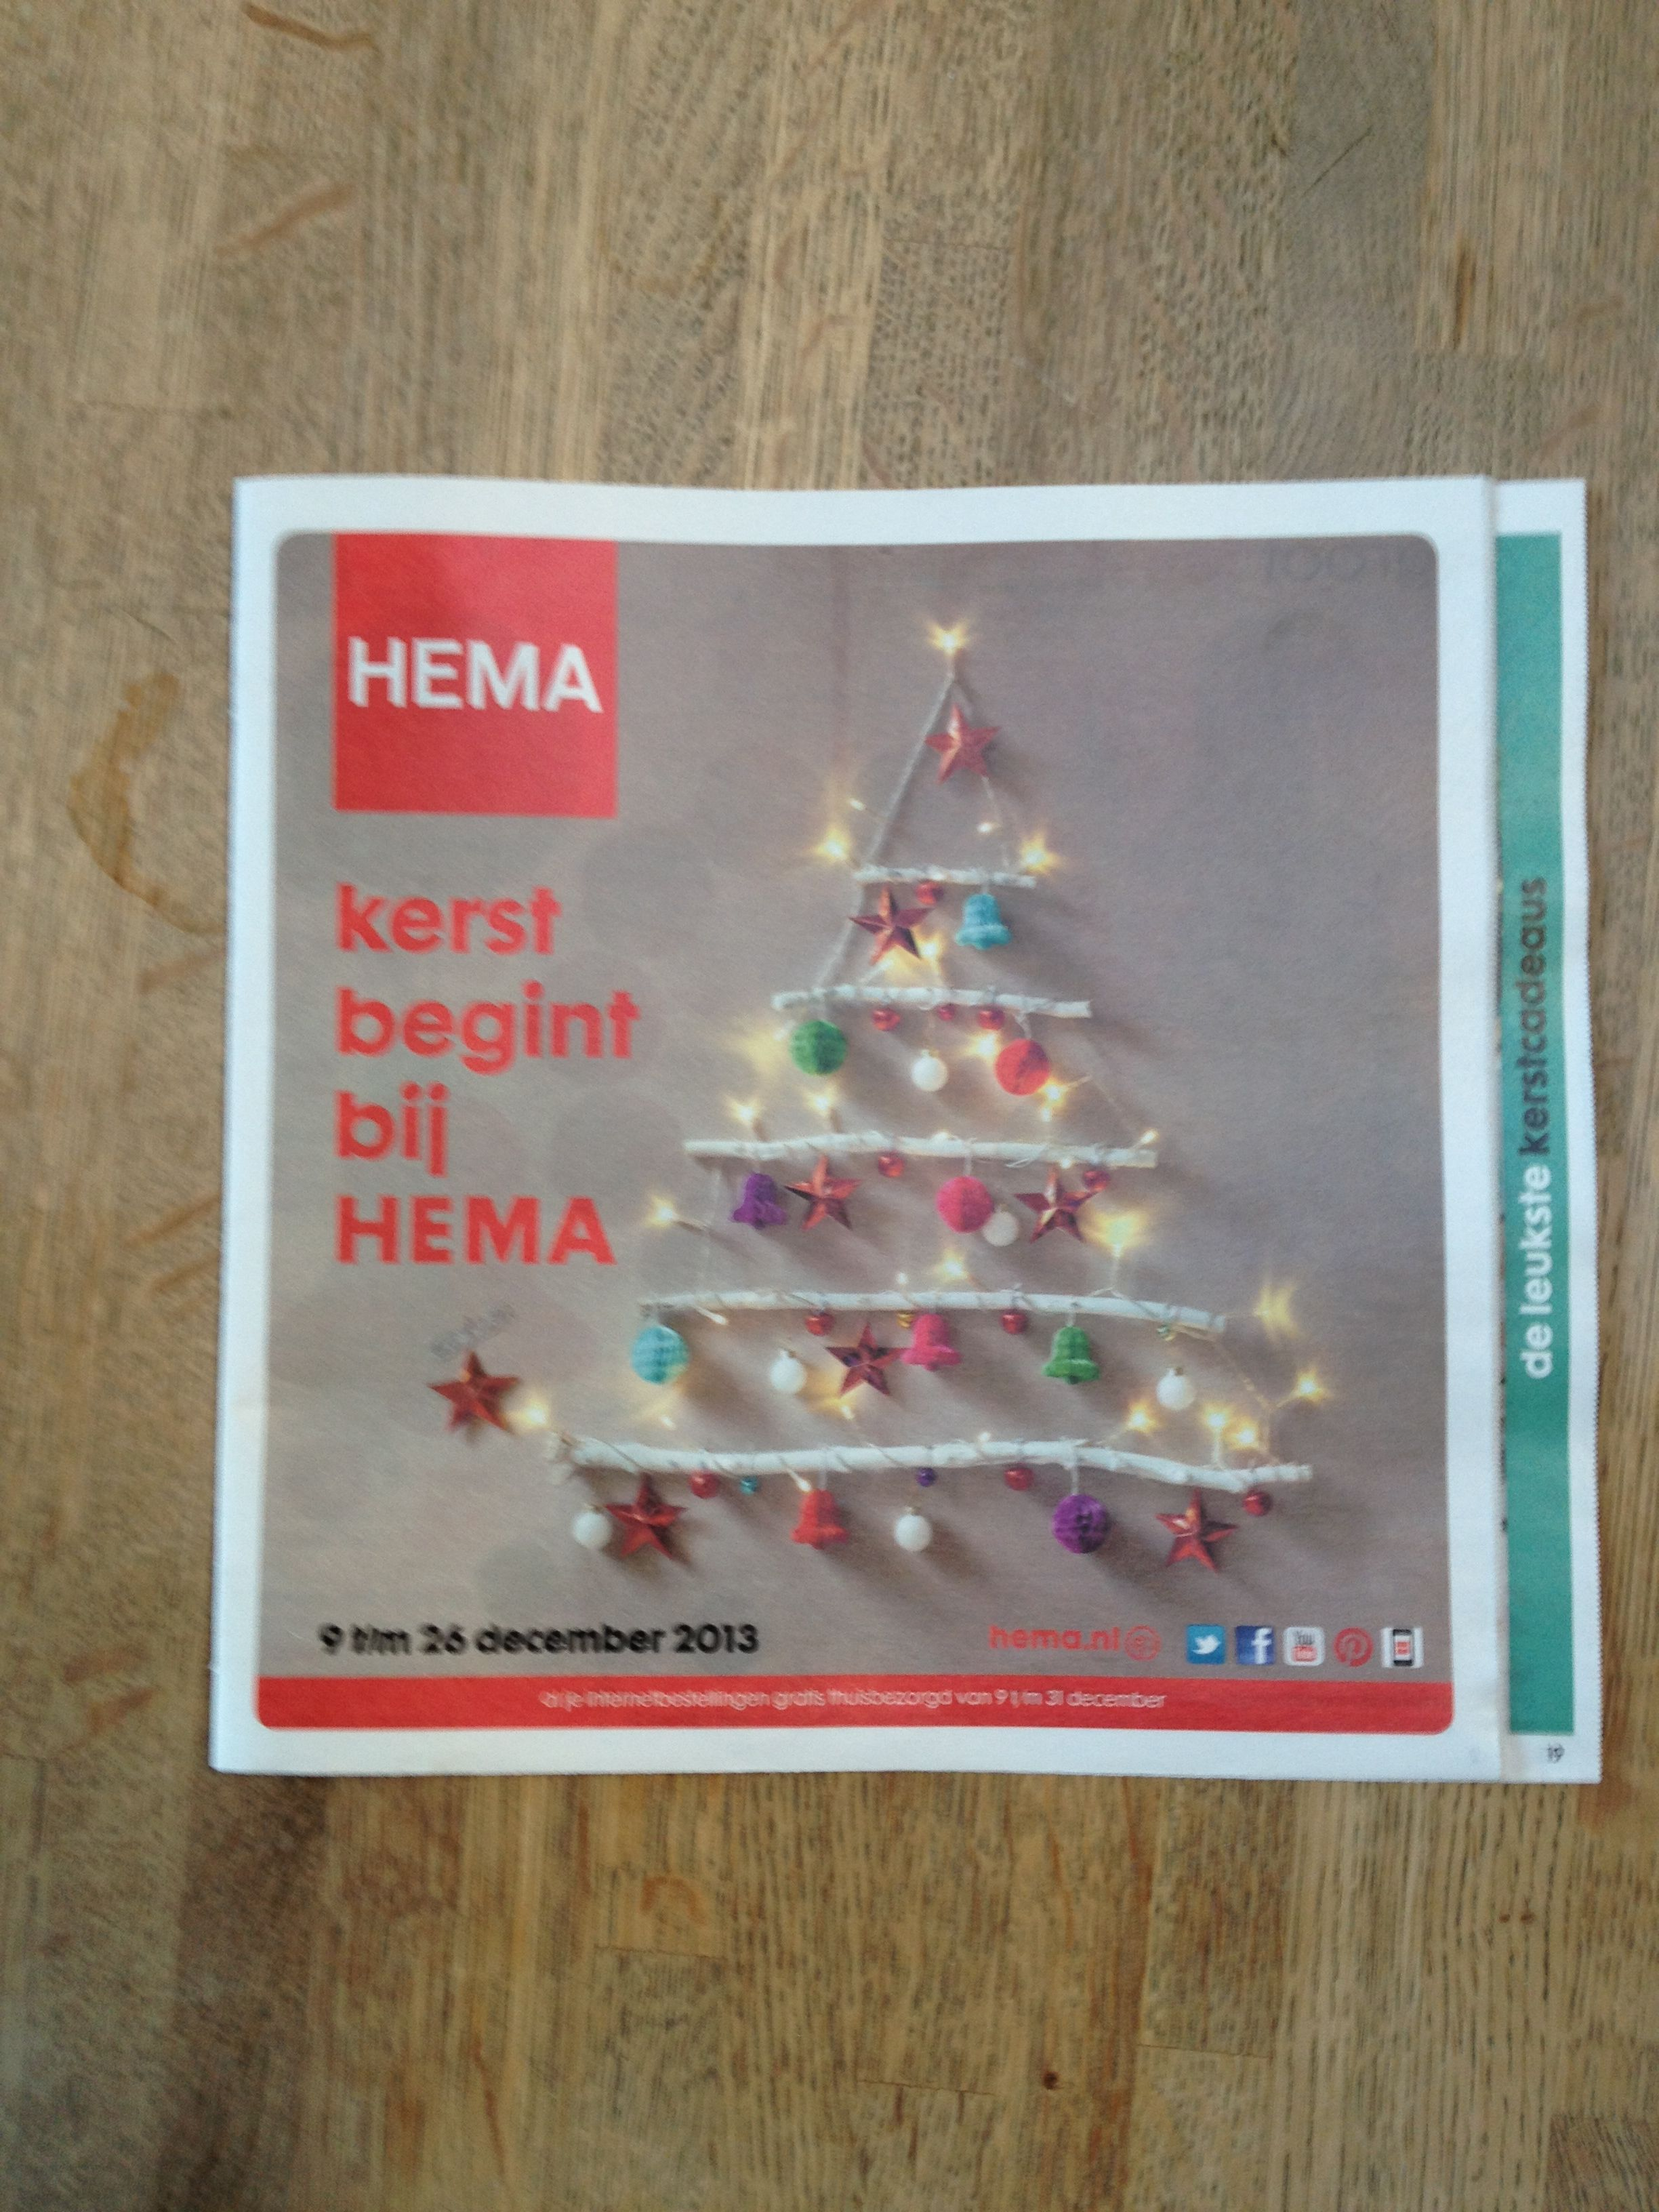 Kerst Folder Van De Hema Extra Producten Onder De Aandacht Brengen